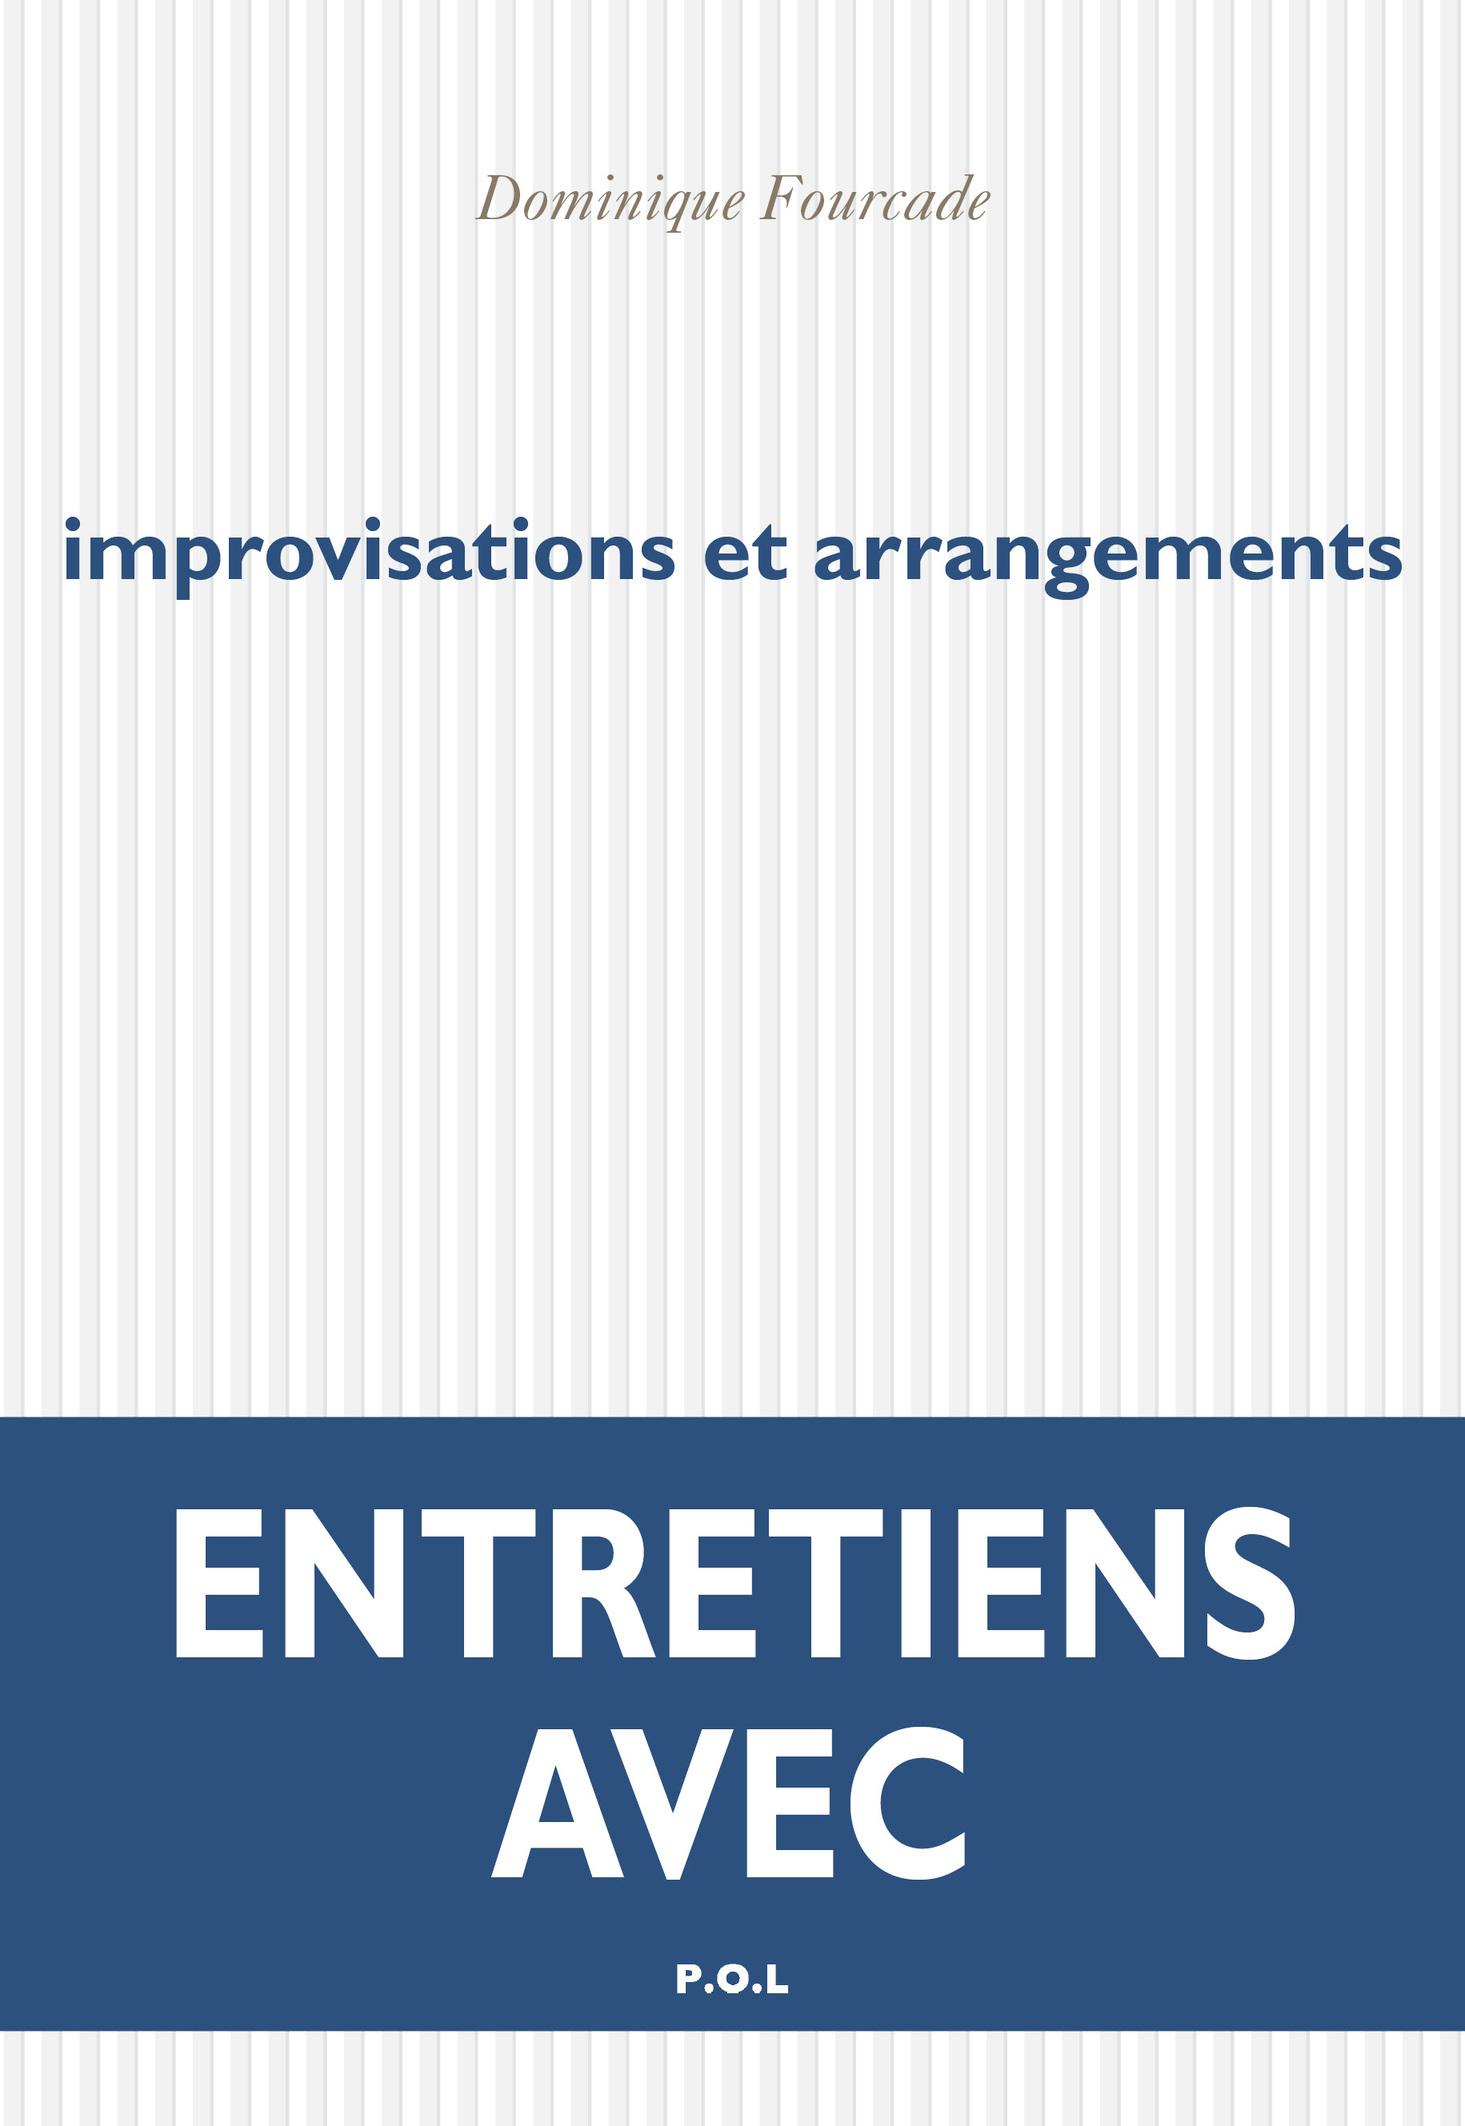 IMPROVISATIONS ET ARRANGEMENTS - ENTRETIENS AVEC